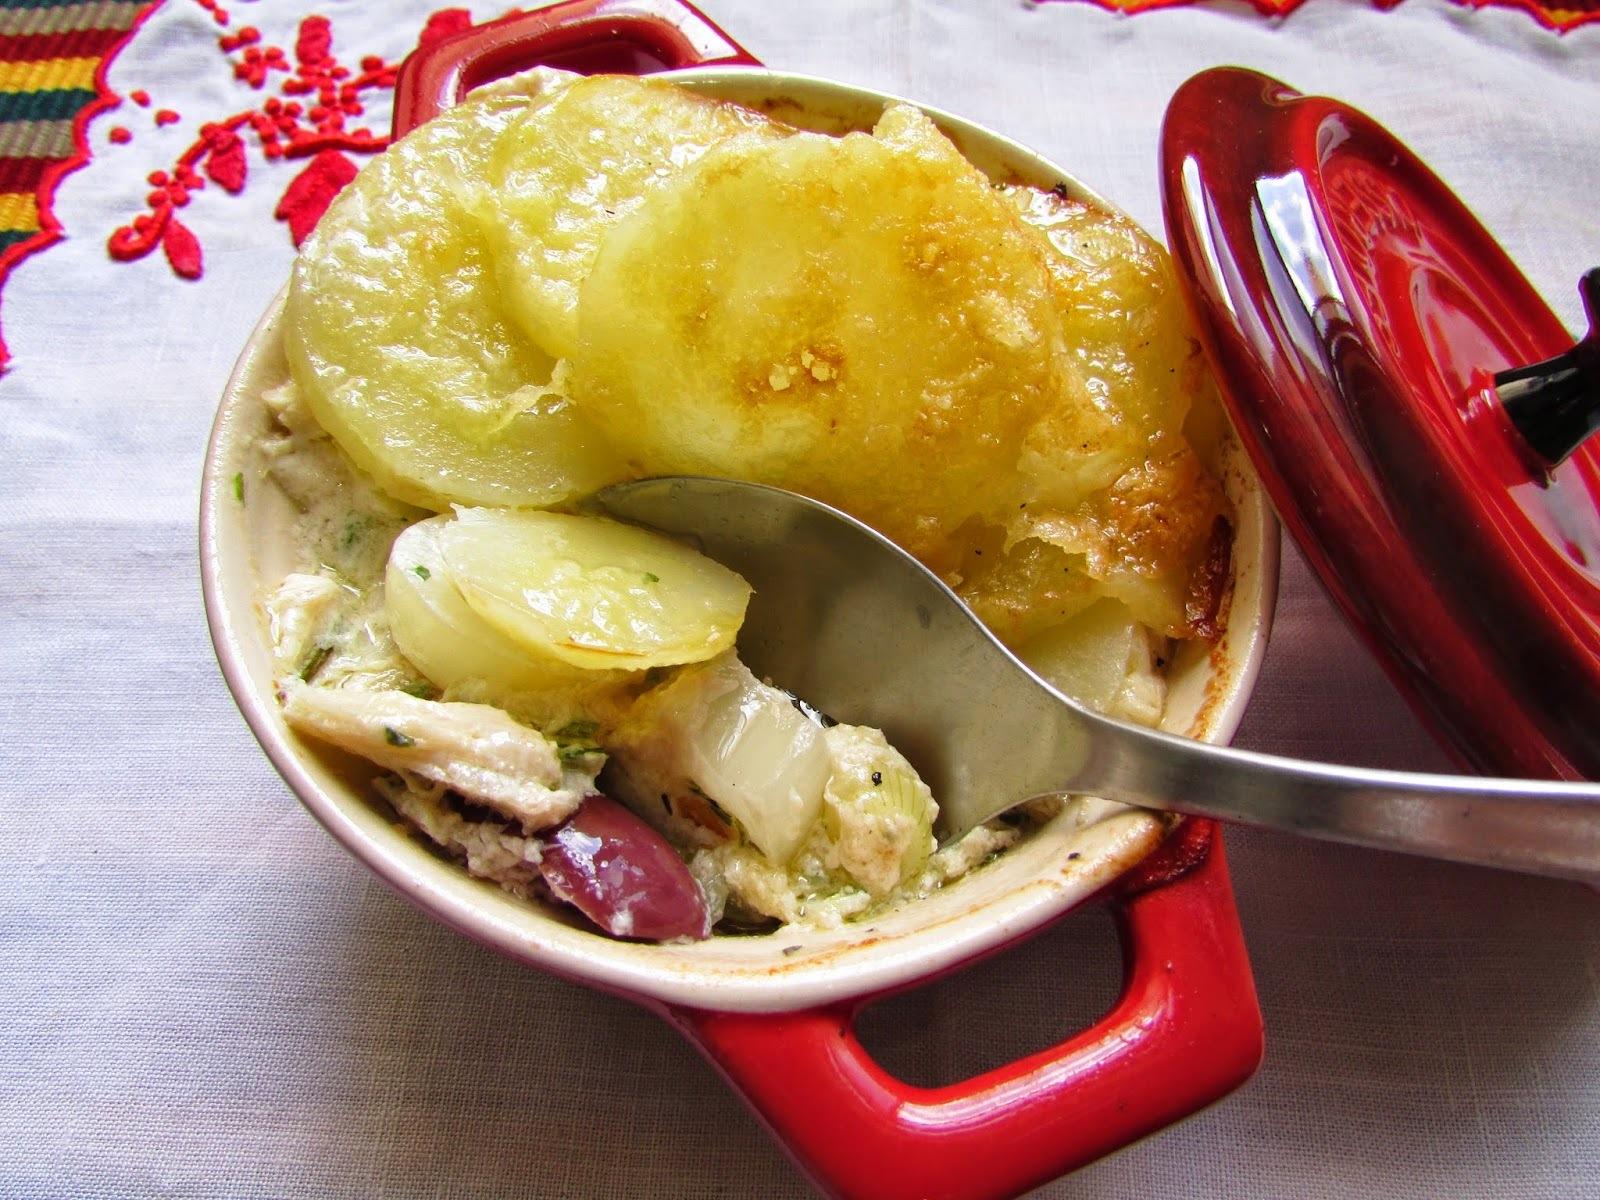 torta espanhola de batata com bacalhau